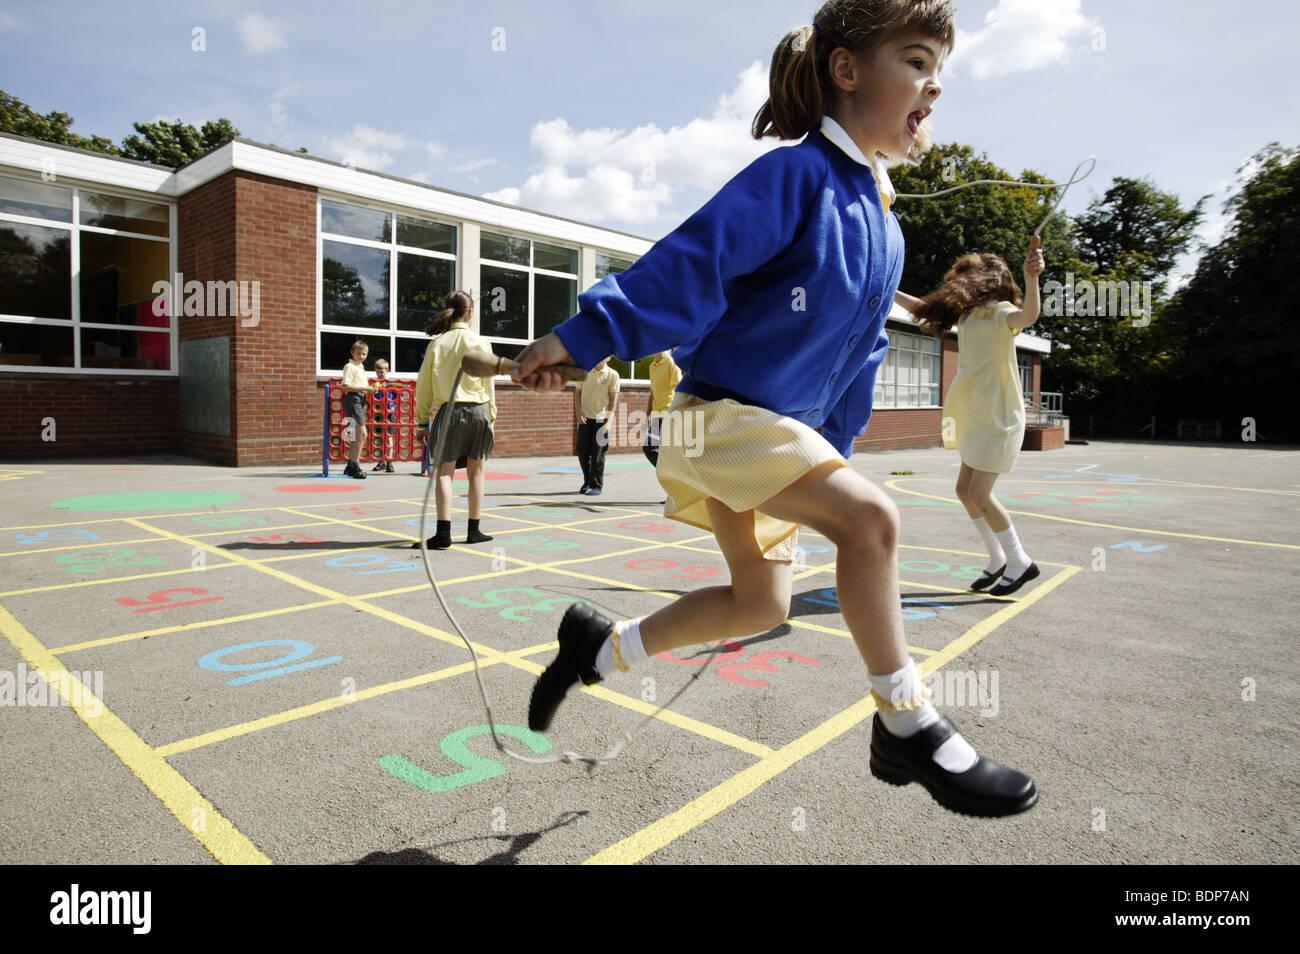 Schulmädchen überspringen in einer Grundschule Spielplatz im Vereinigten Königreich. Stockbild